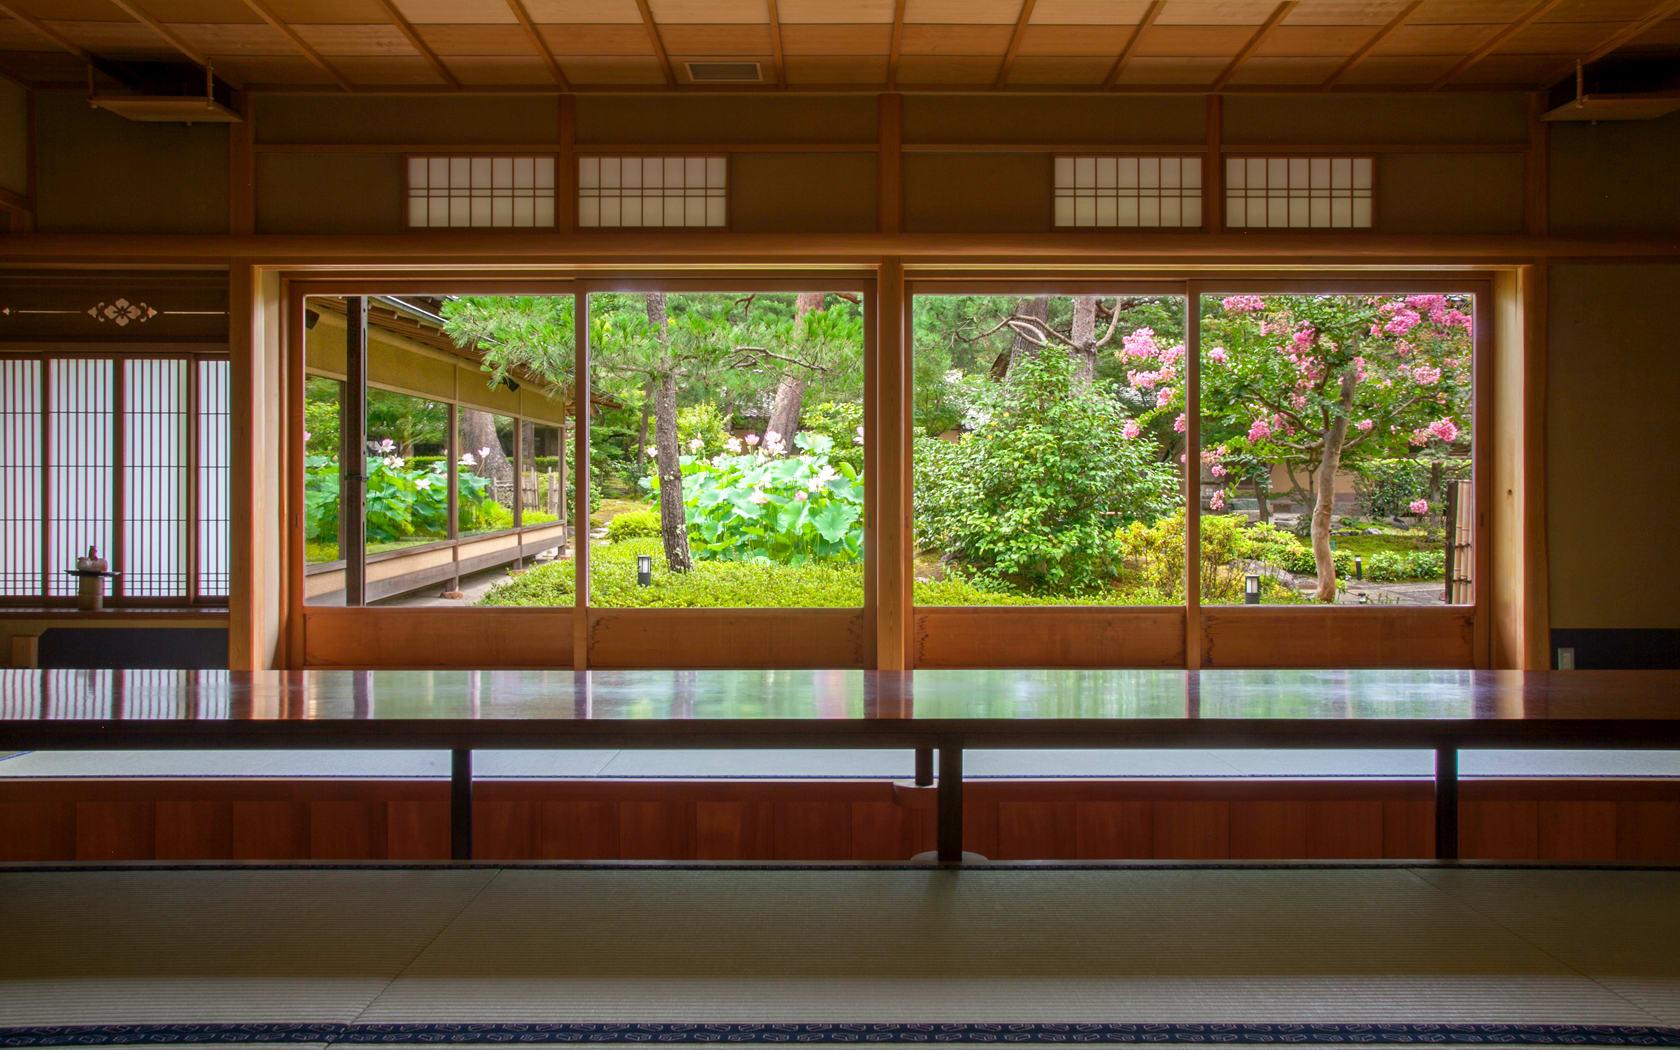 南禪寺順正湯豆腐 可以邊眺望庭院邊用餐 來源:www.to-fu.co.jp